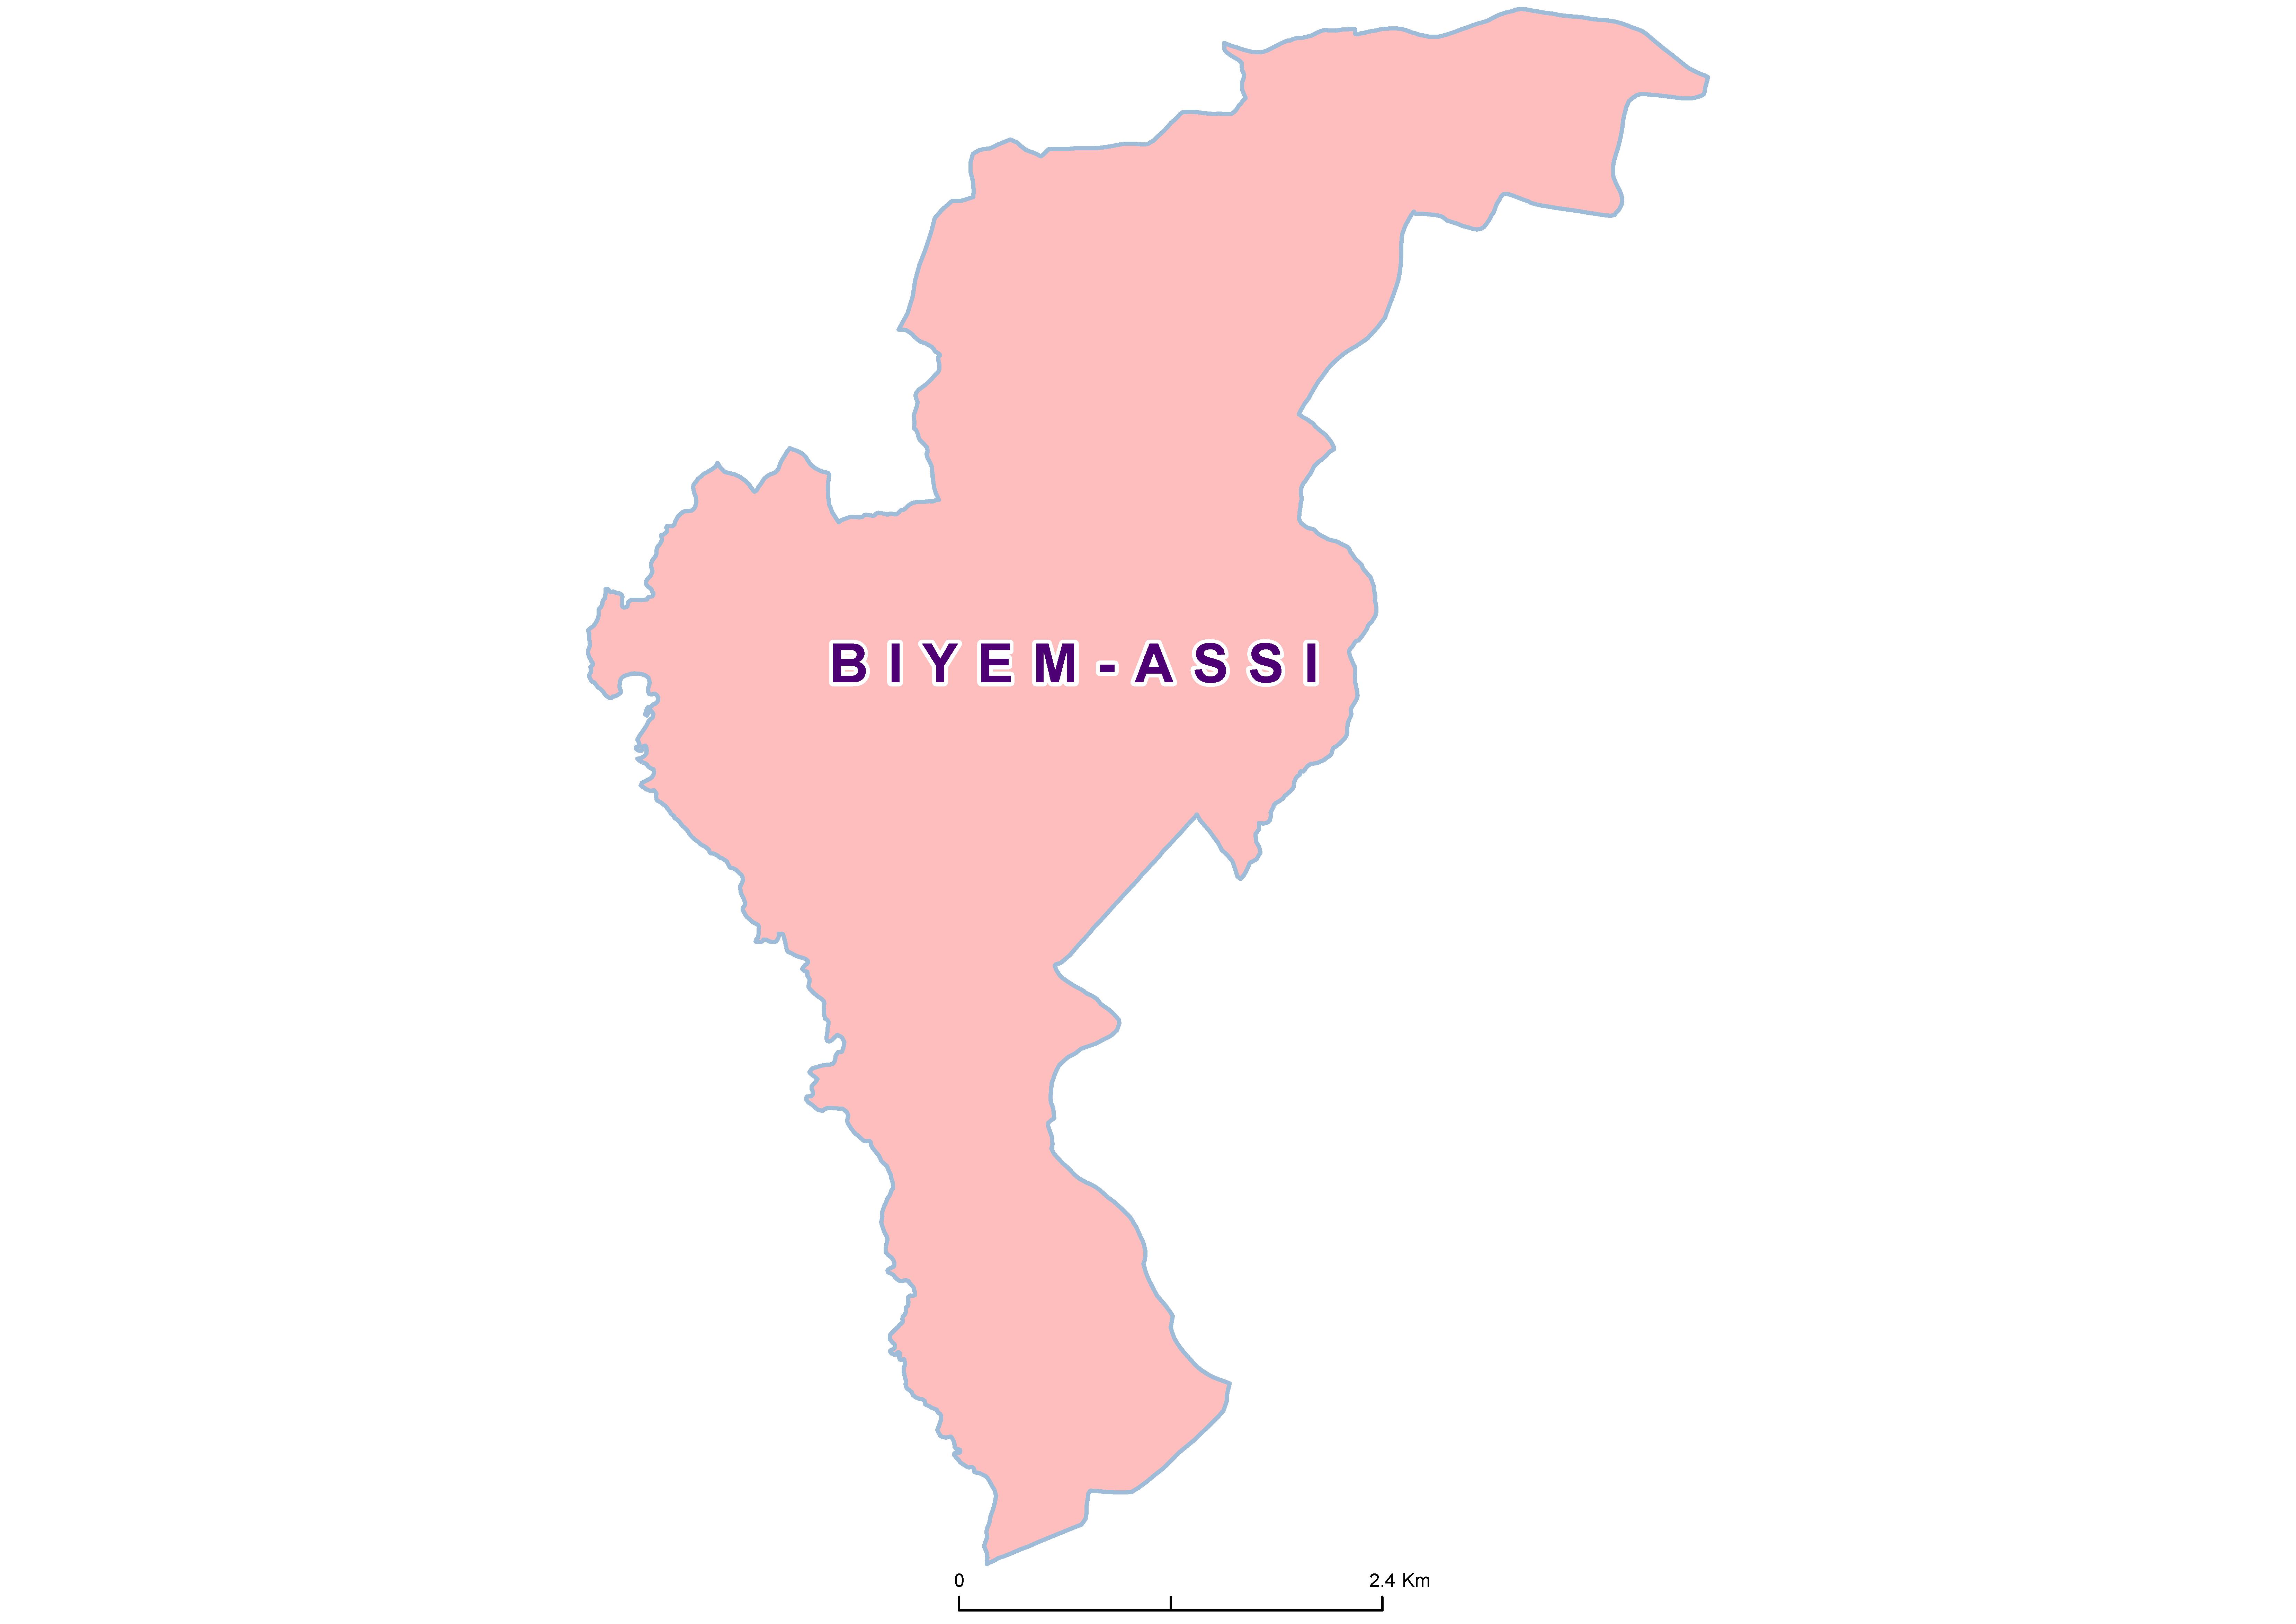 Biyem-assi Mean STH 20100001